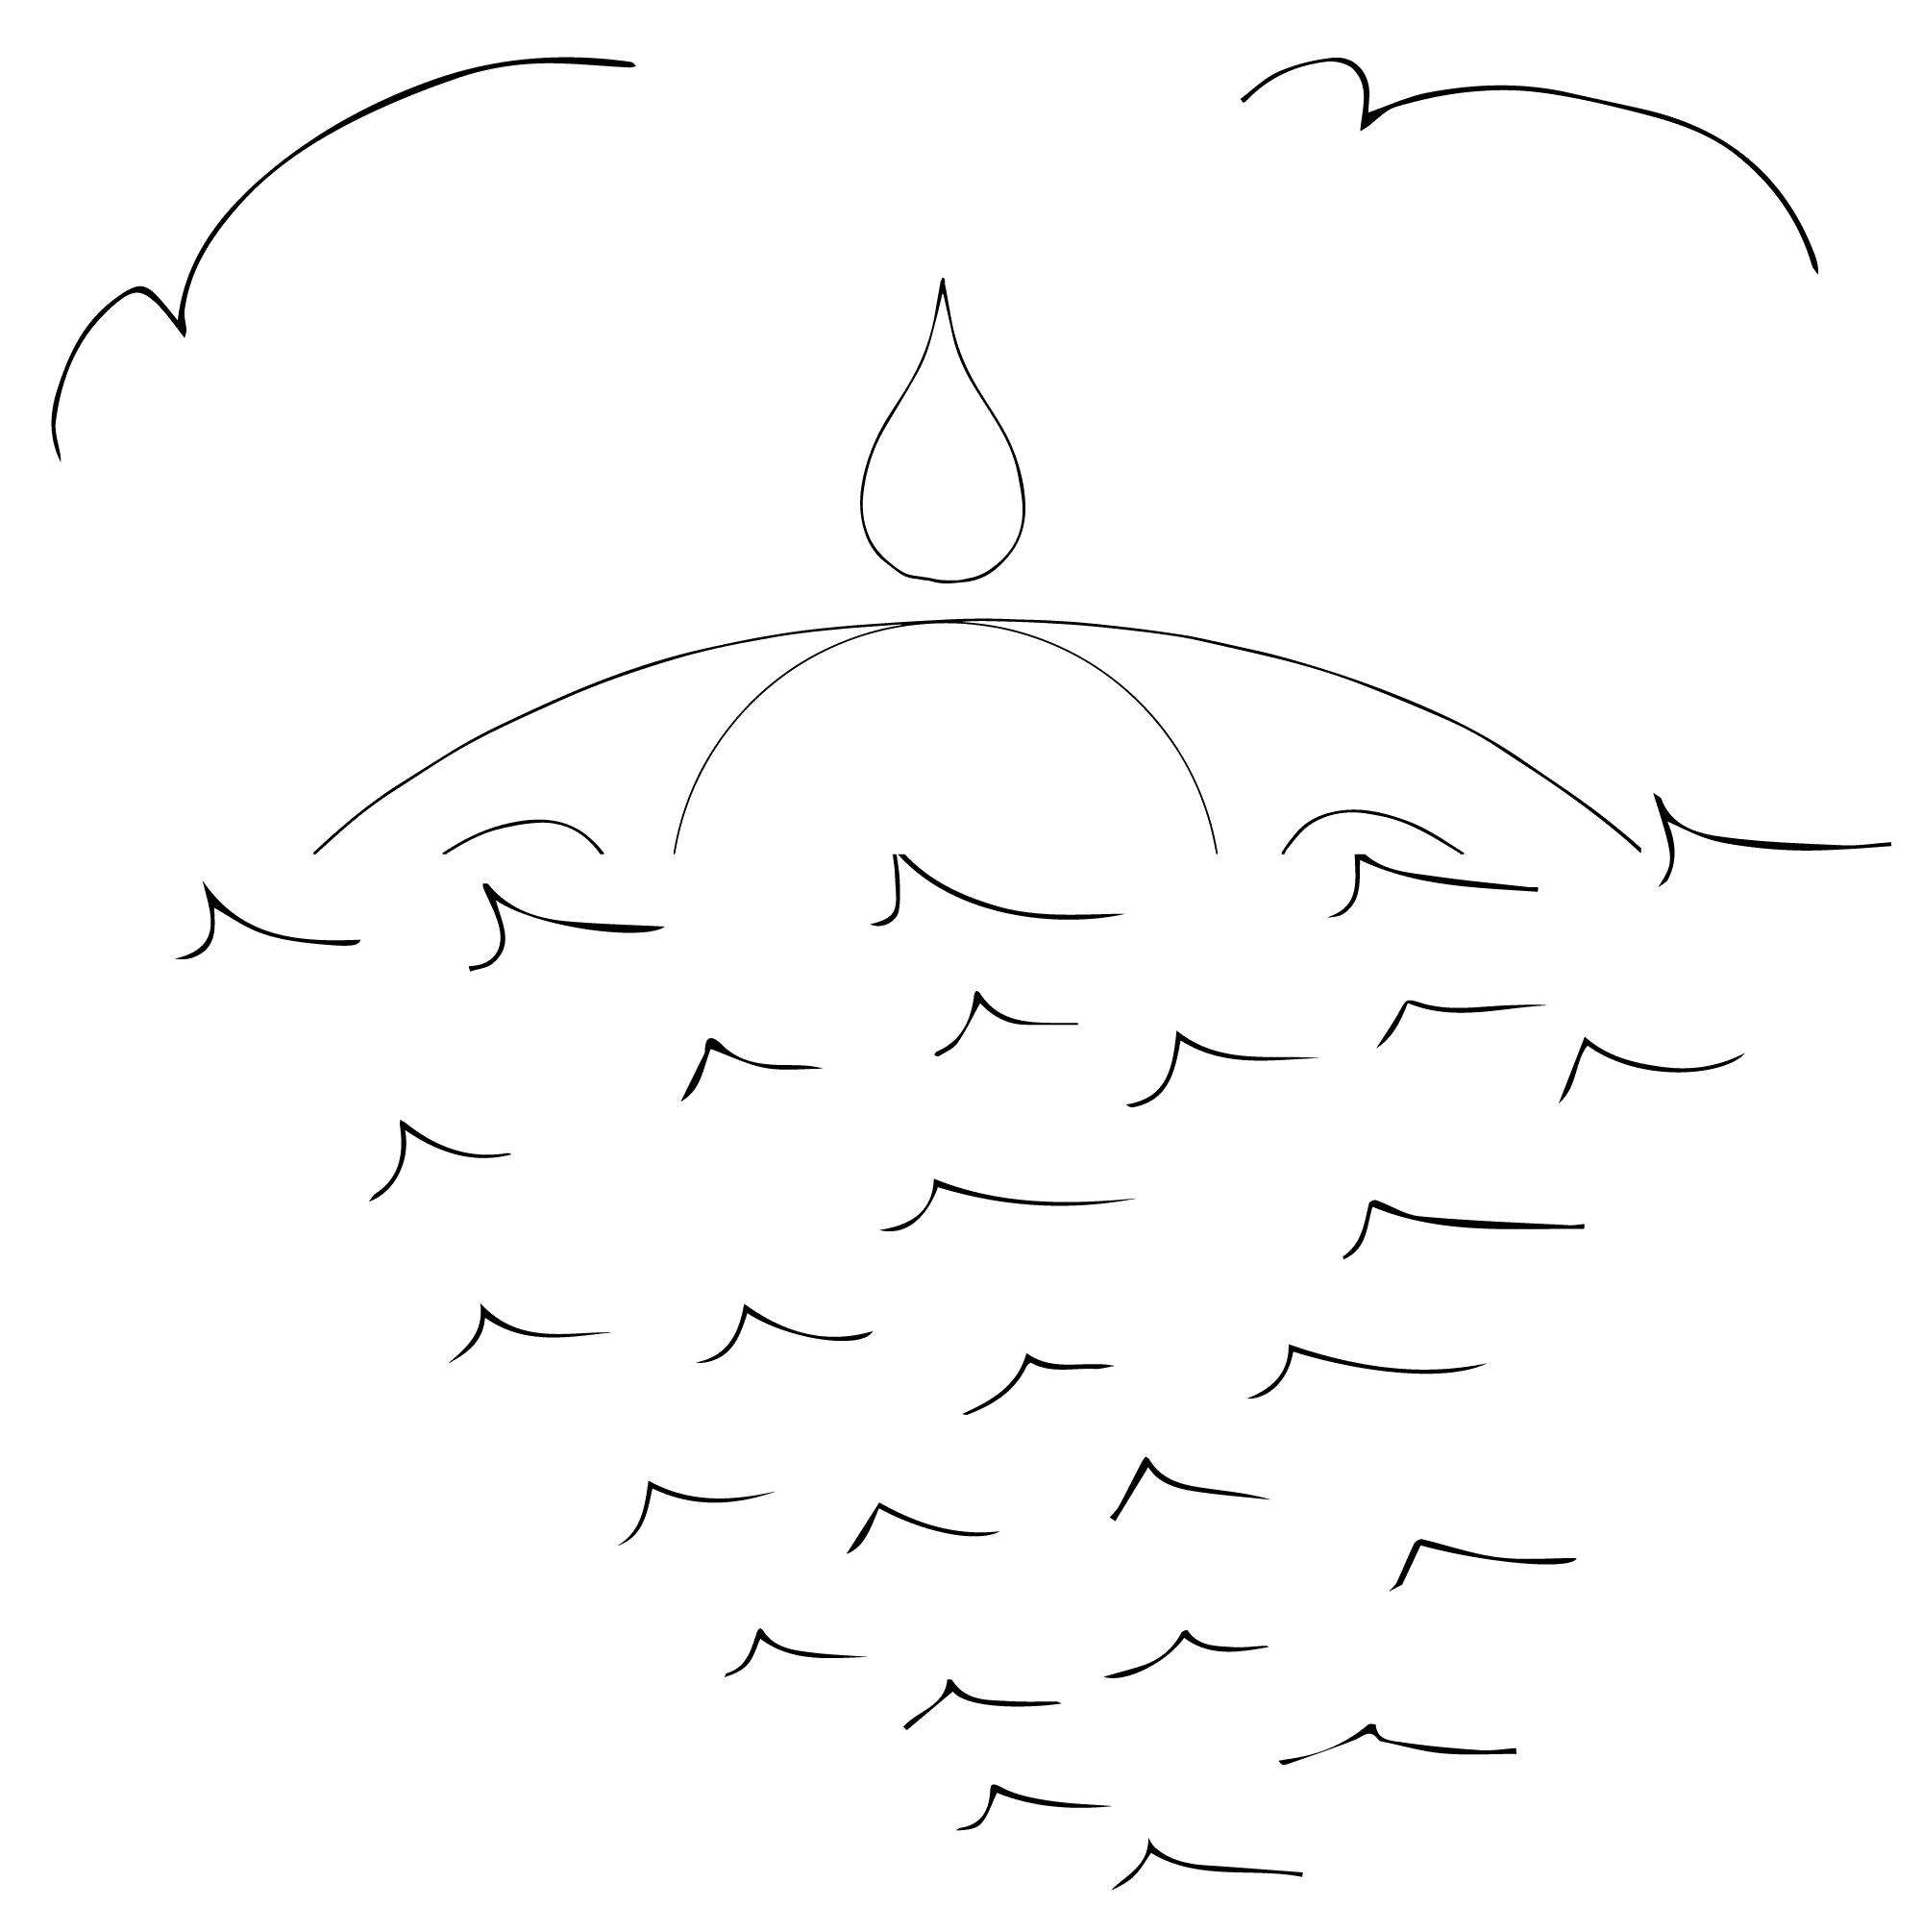 δύση-ηλίου-φάος-ηελίοιο-θεοδόσης-αγγ-παπαδημητρόπουλος